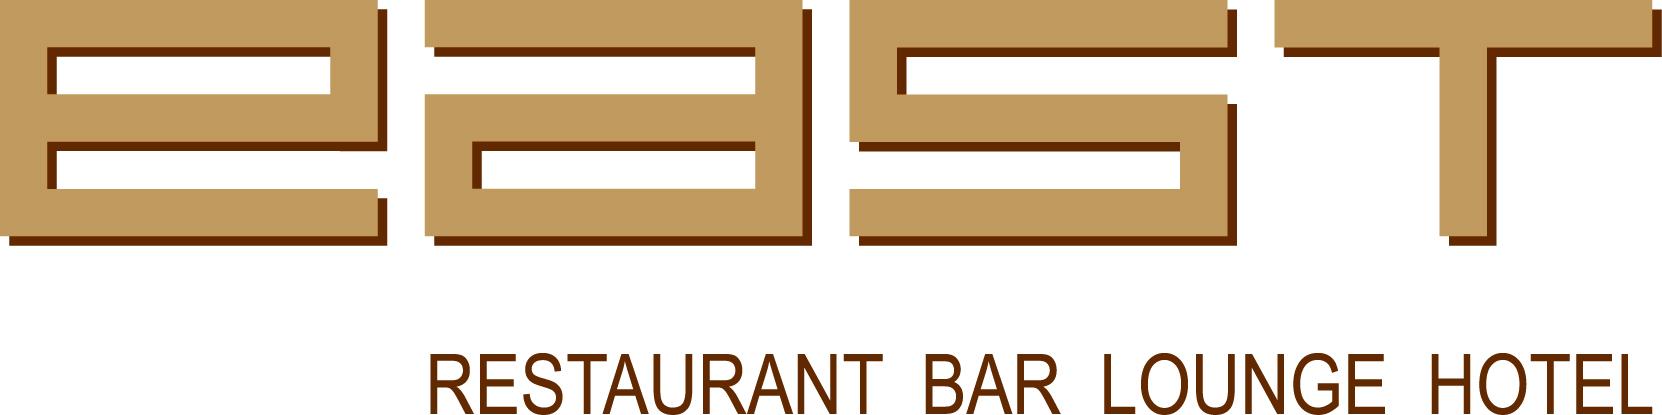 east Hotel & Restaurant